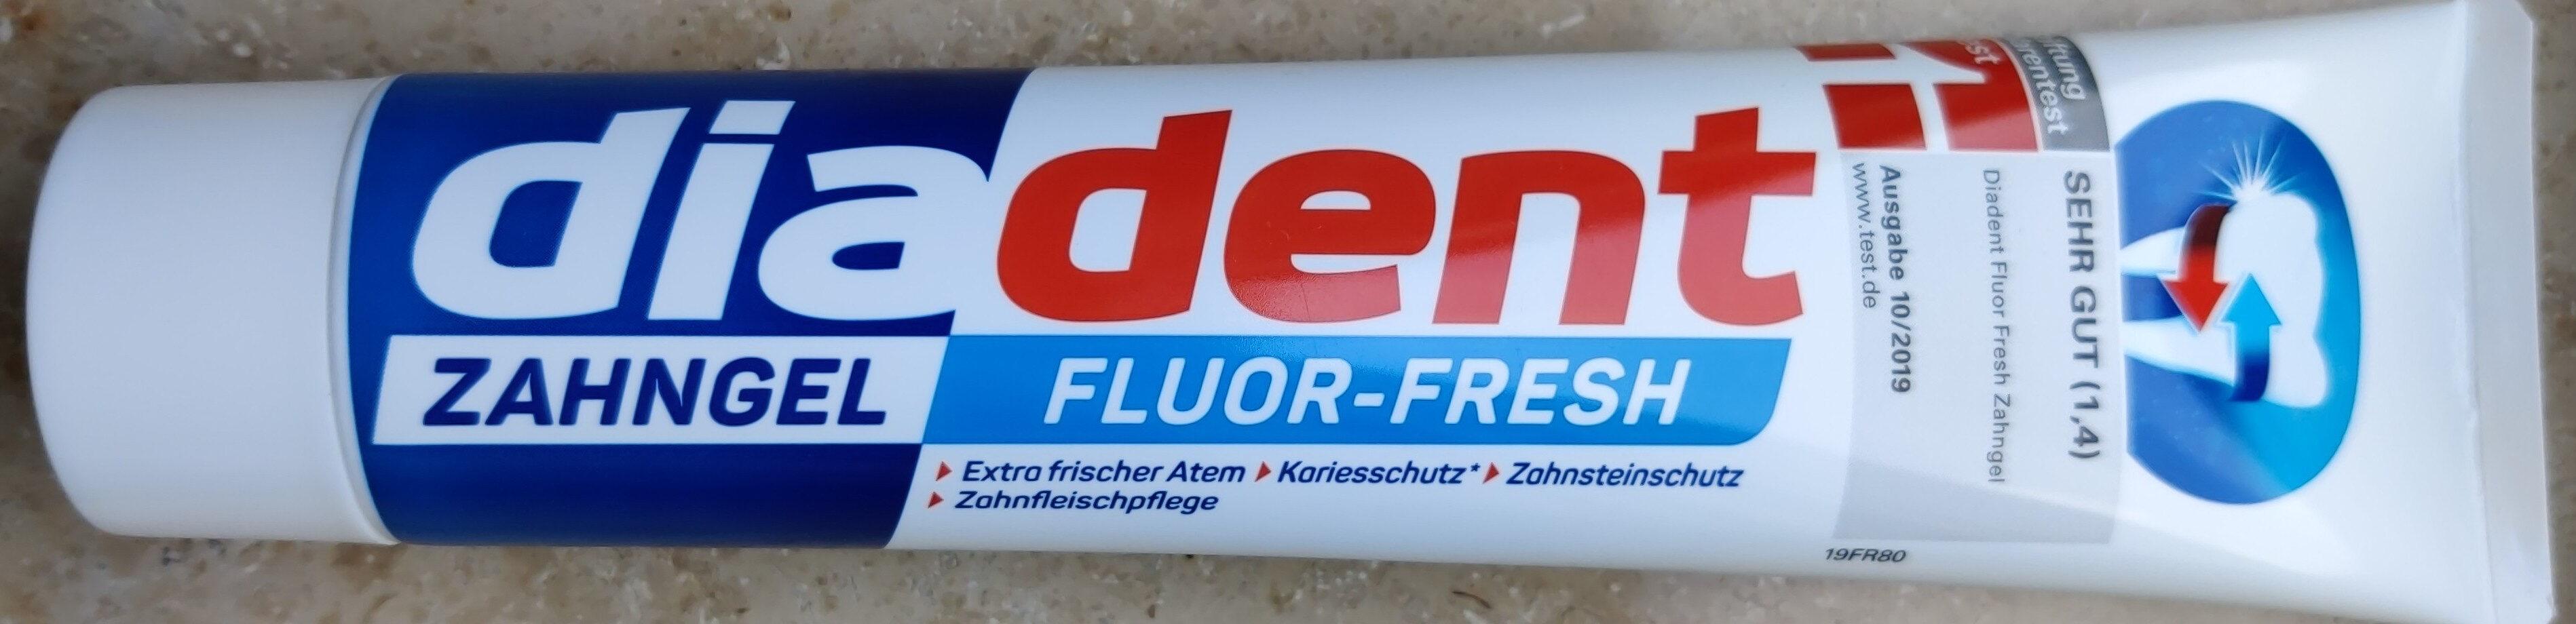 Zahngel Fluor-Fresh - Produit - de